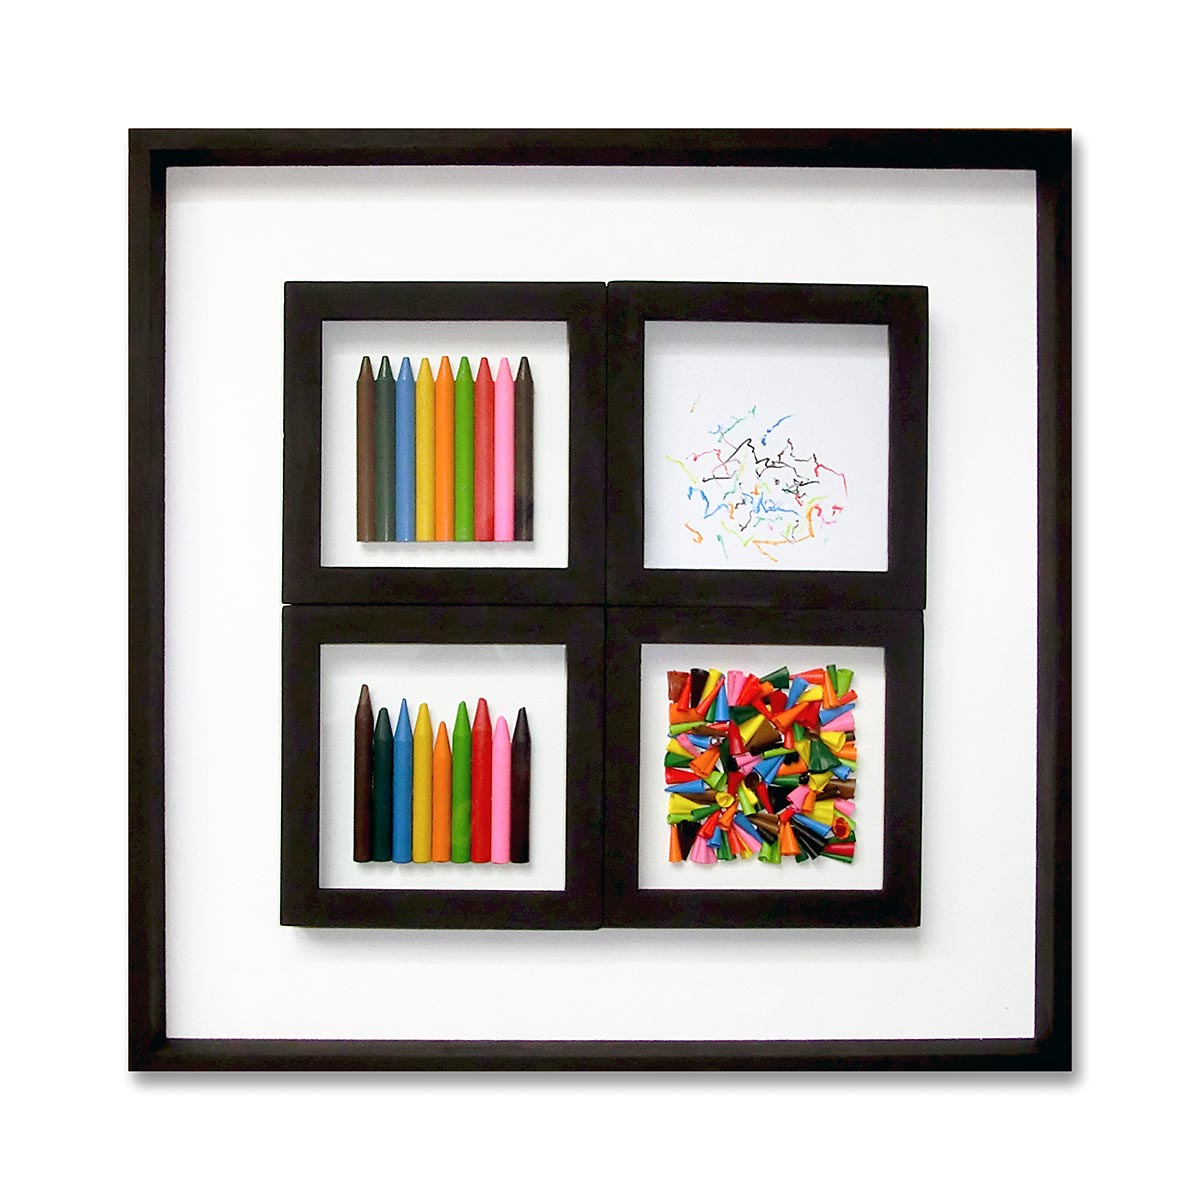 [-ColoreSegnoMateria-]-38x38x3.5-pastelli-a-cera-su-tavola-t.m